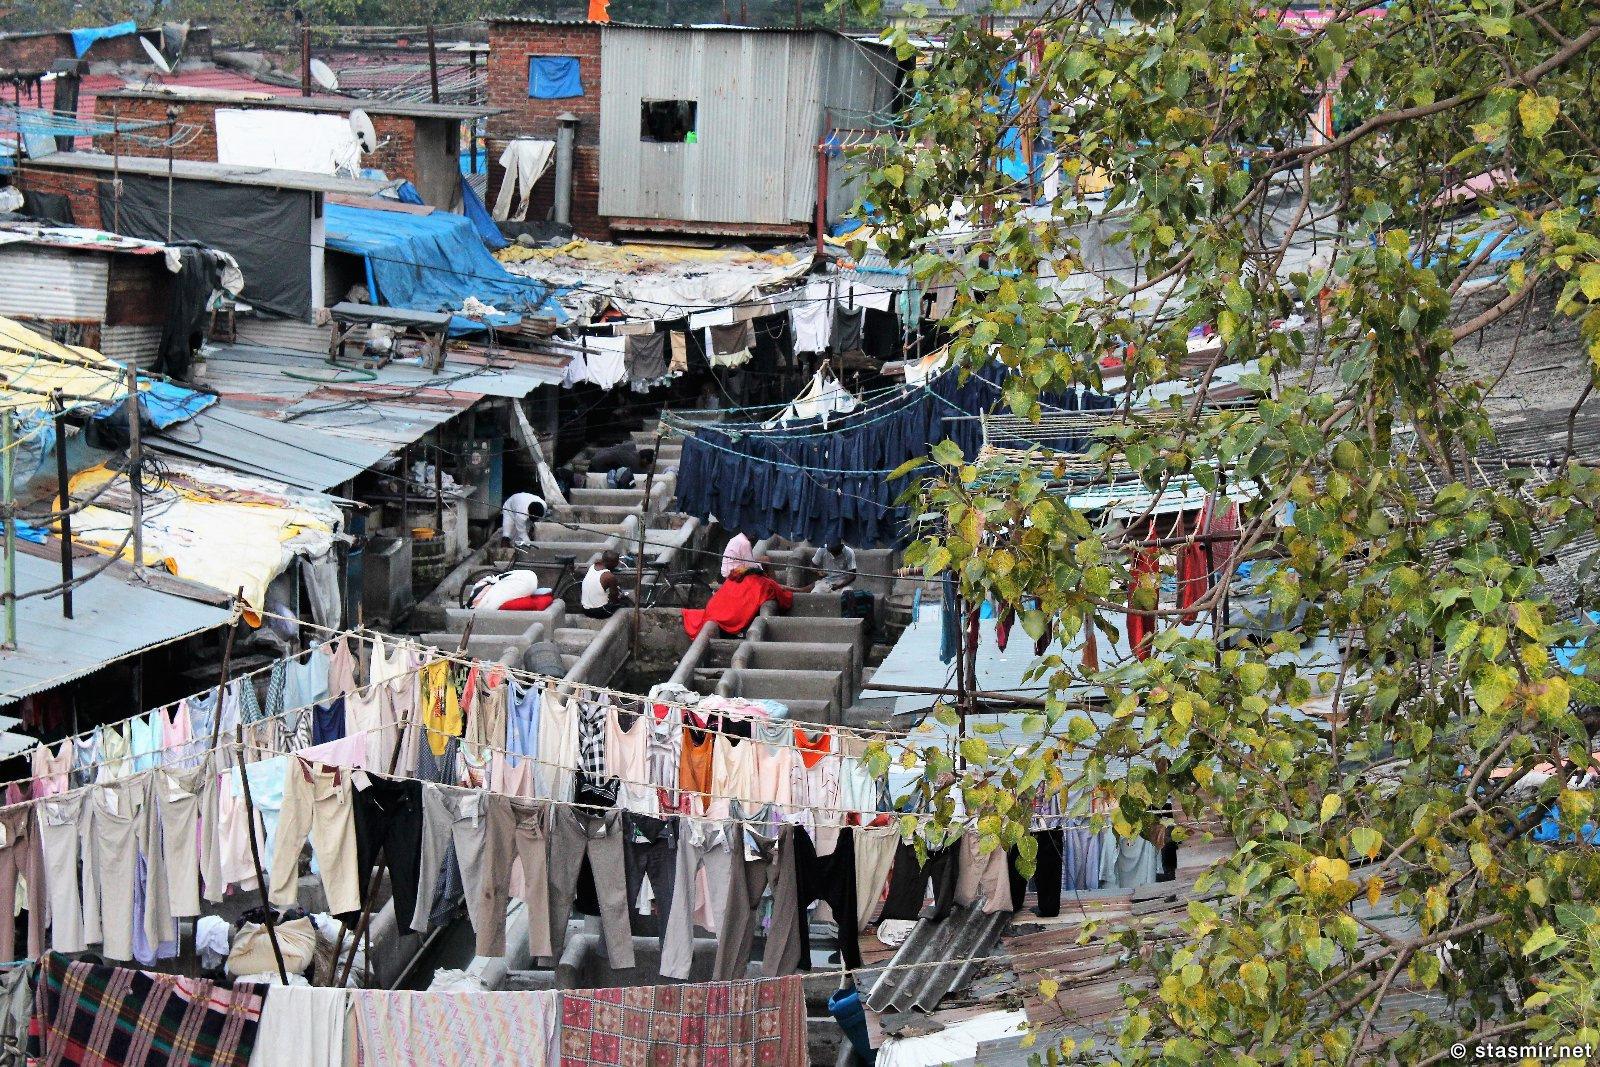 дороги штата Махараштра, Индия, Фото Стасмир, photo Stasmir, прачечная, поразившая Принца Чарлза в Мумбае, фото Стасмир, photo Stasmir